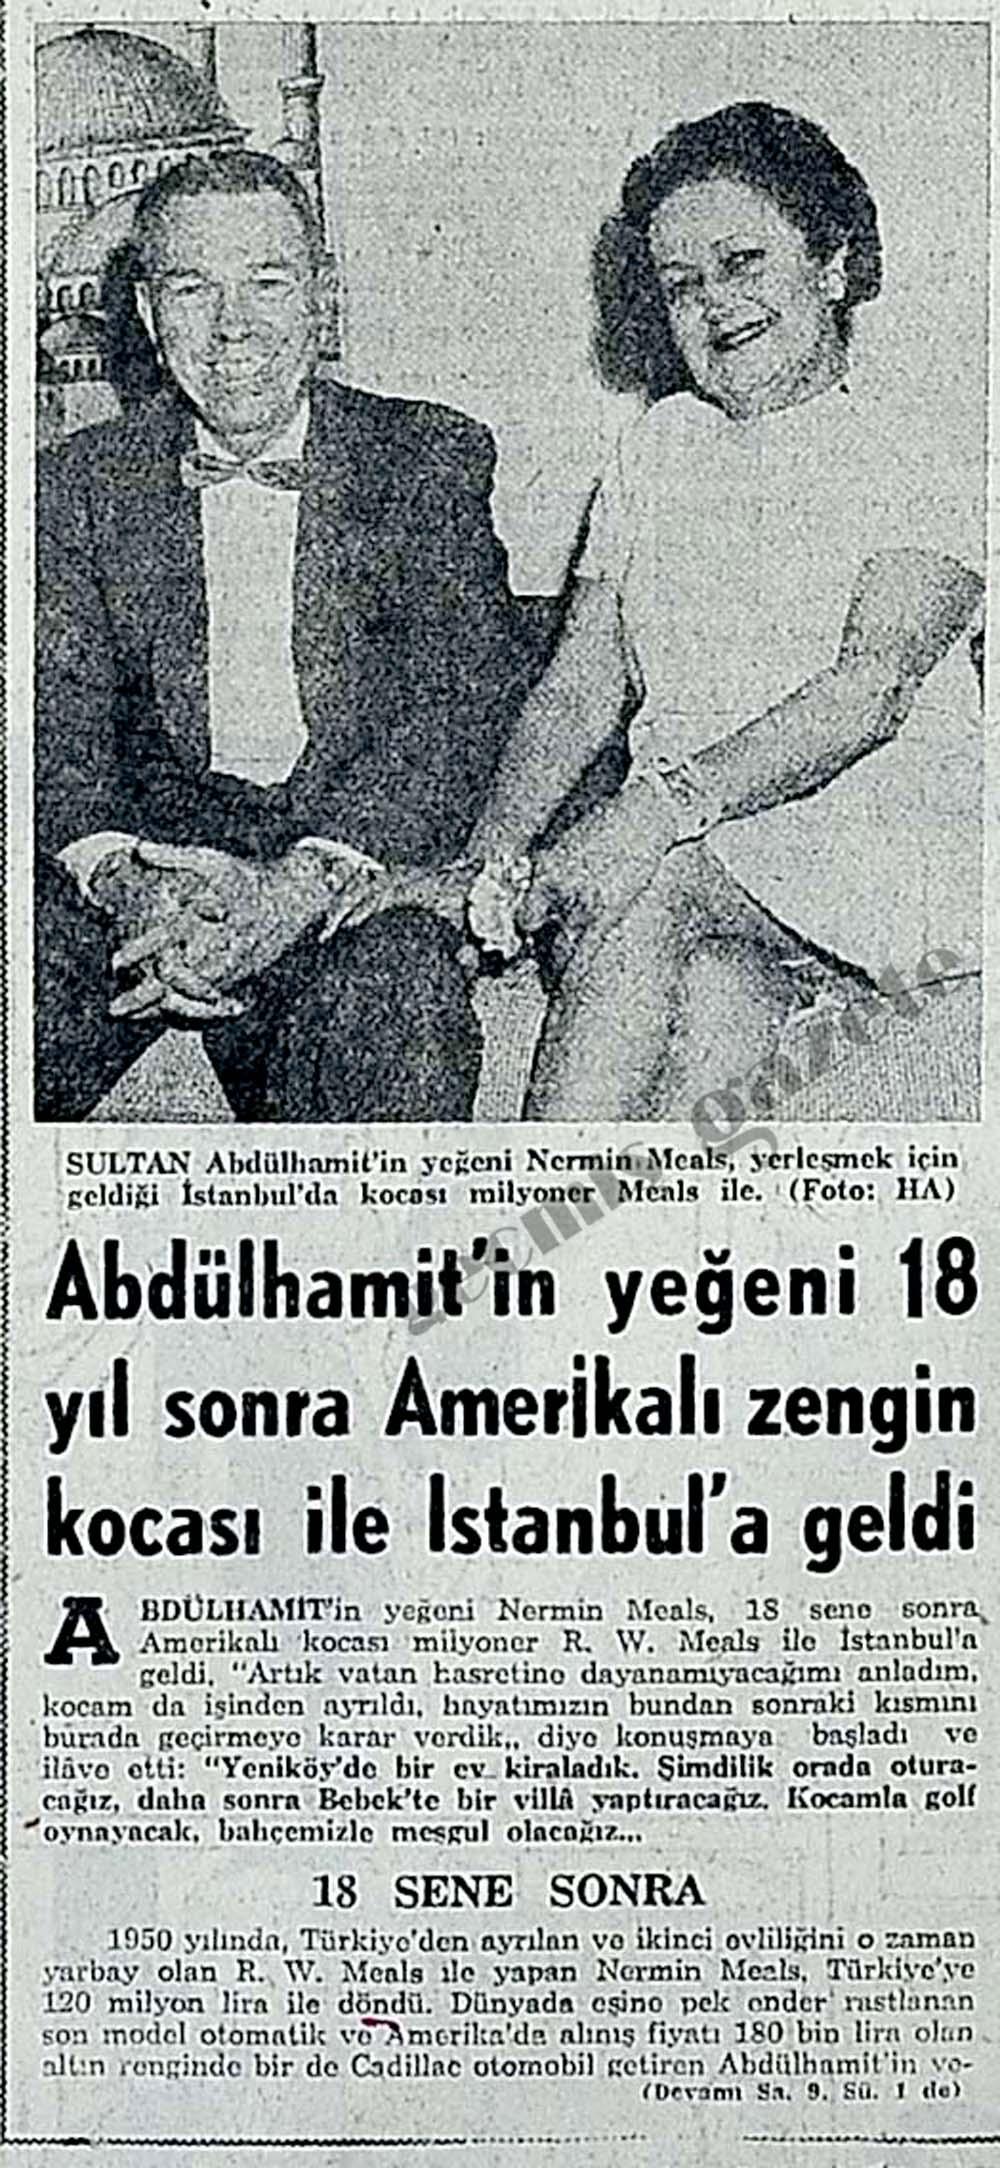 Abdülhamit'in yeğeni 18 yıl sonra Amerikalı zengin kocası ile İstanbul'a geldi